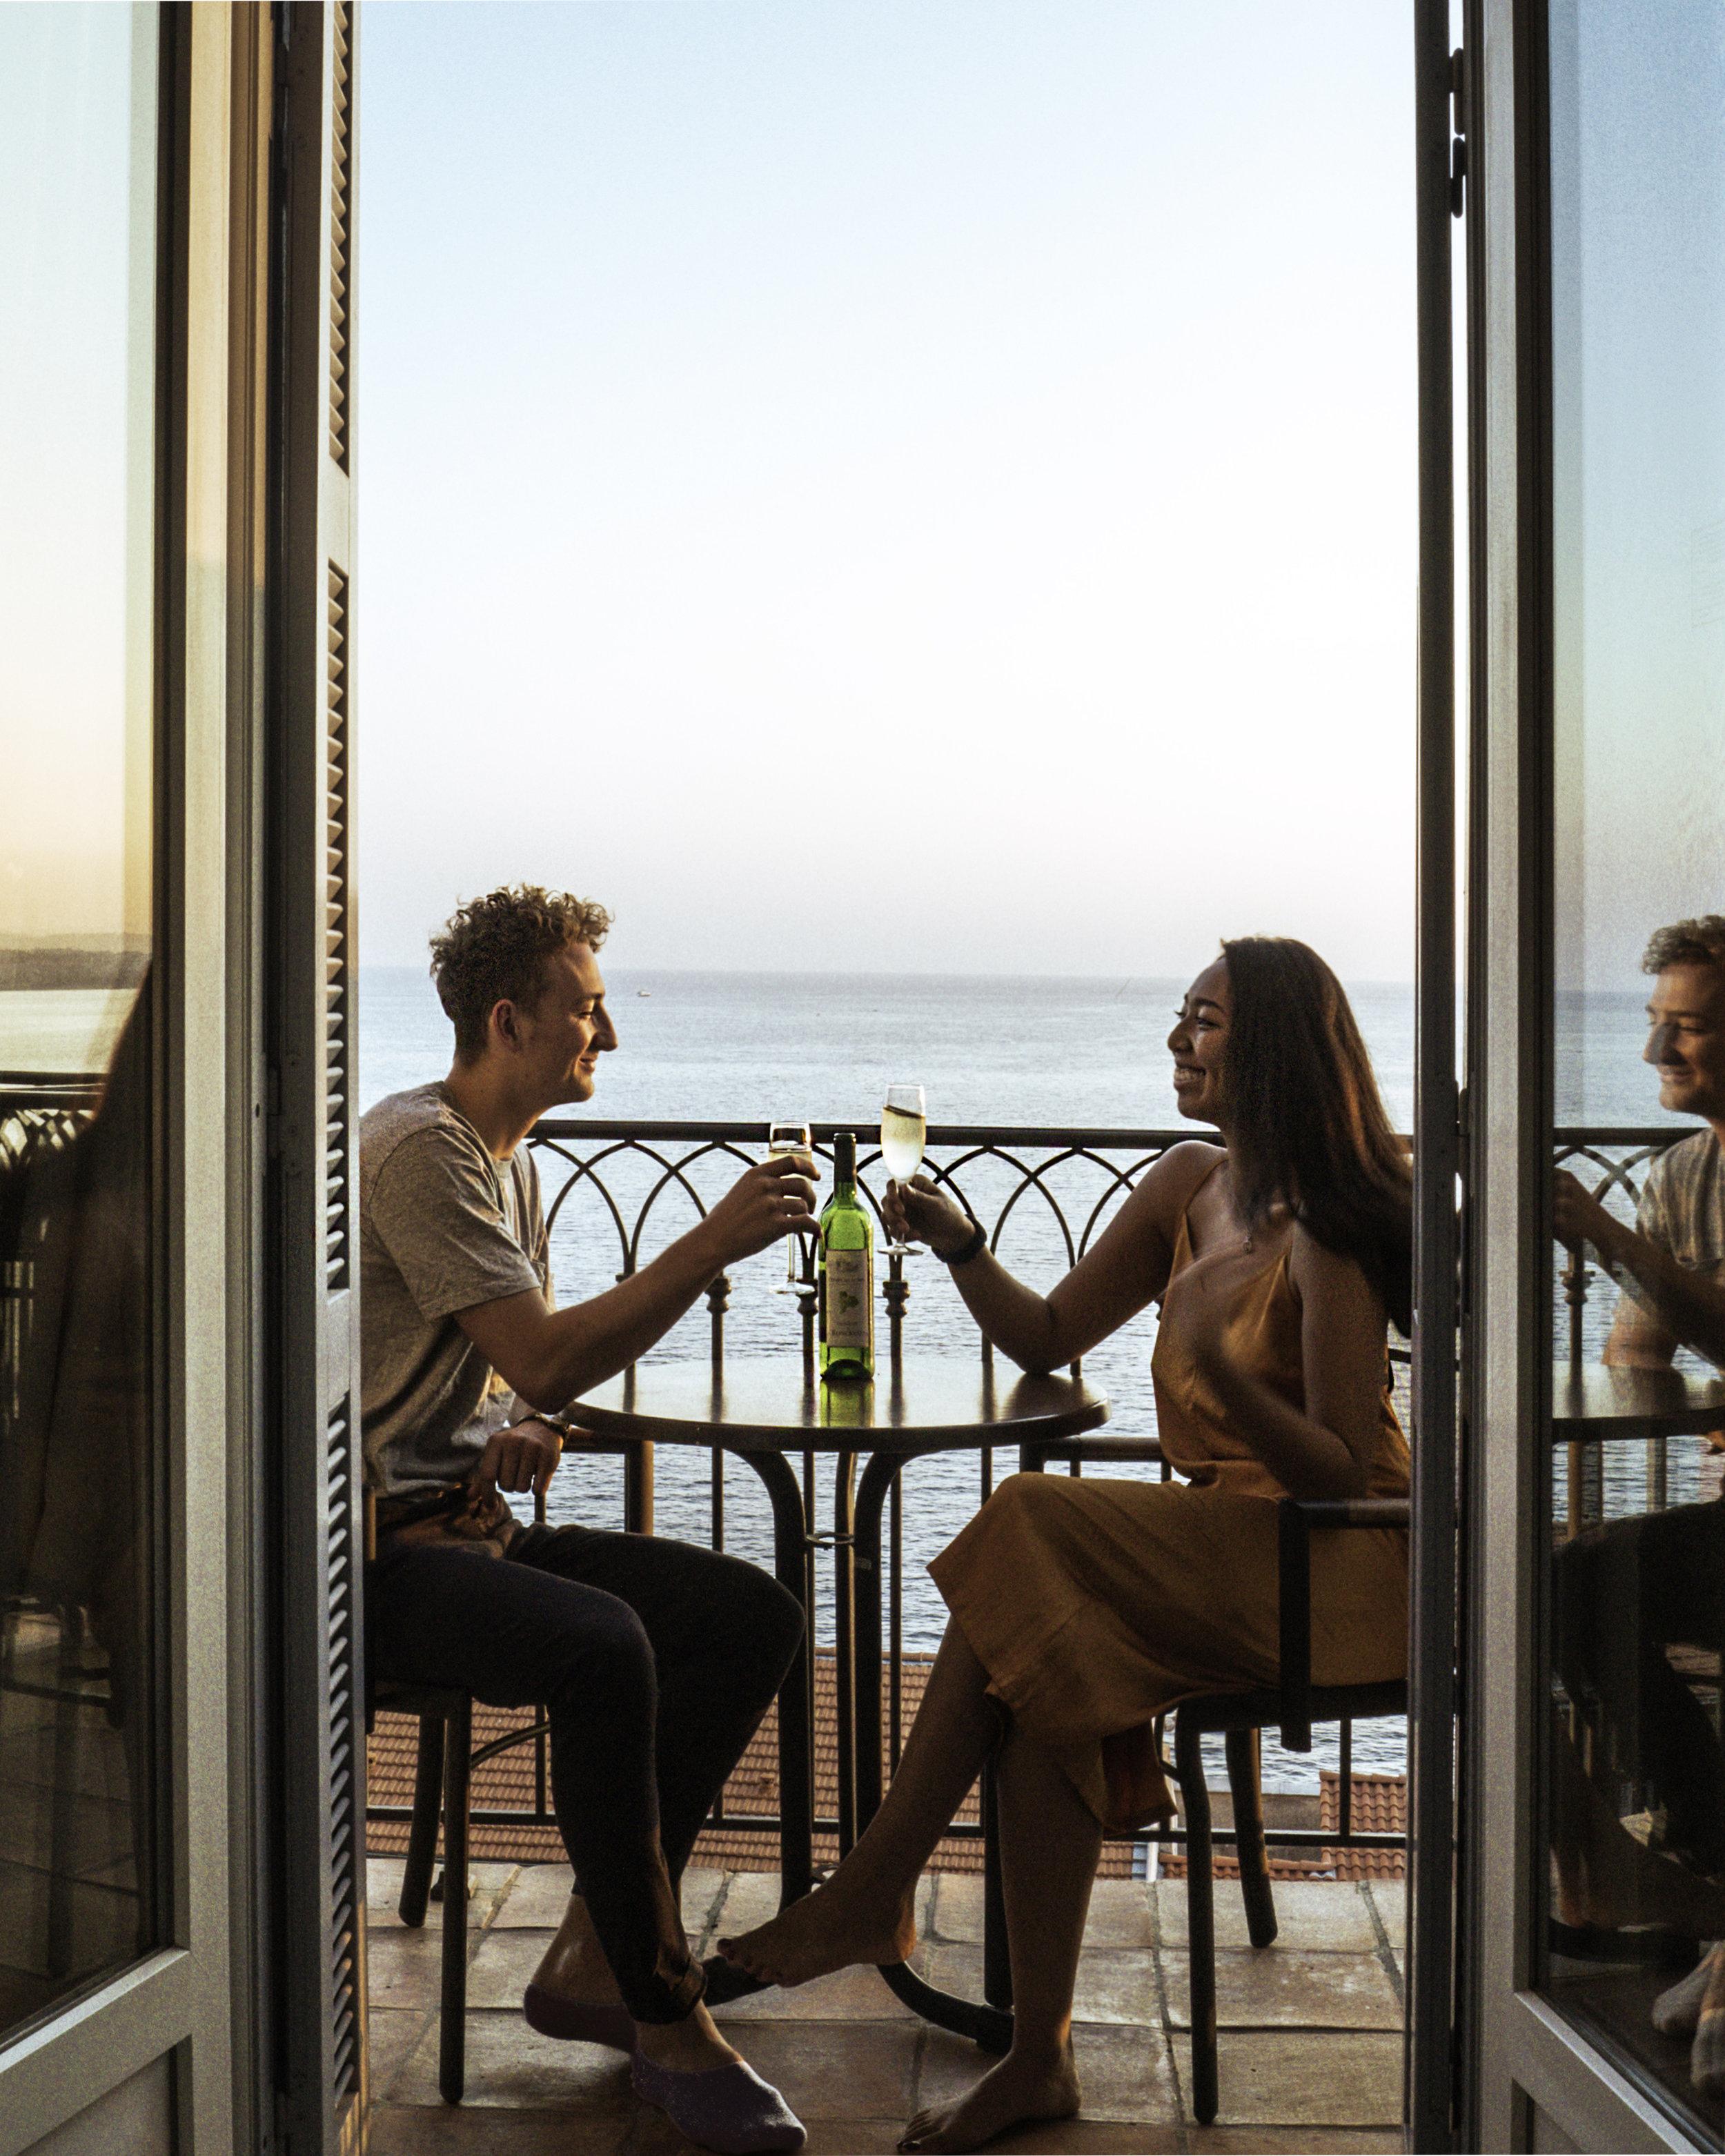 夫妇葡萄酒般的情况 -  Hotel La Perouse  - 高级全景 - 尼斯,法国 -  Illumelation.jpgbeplay3体育官方下载